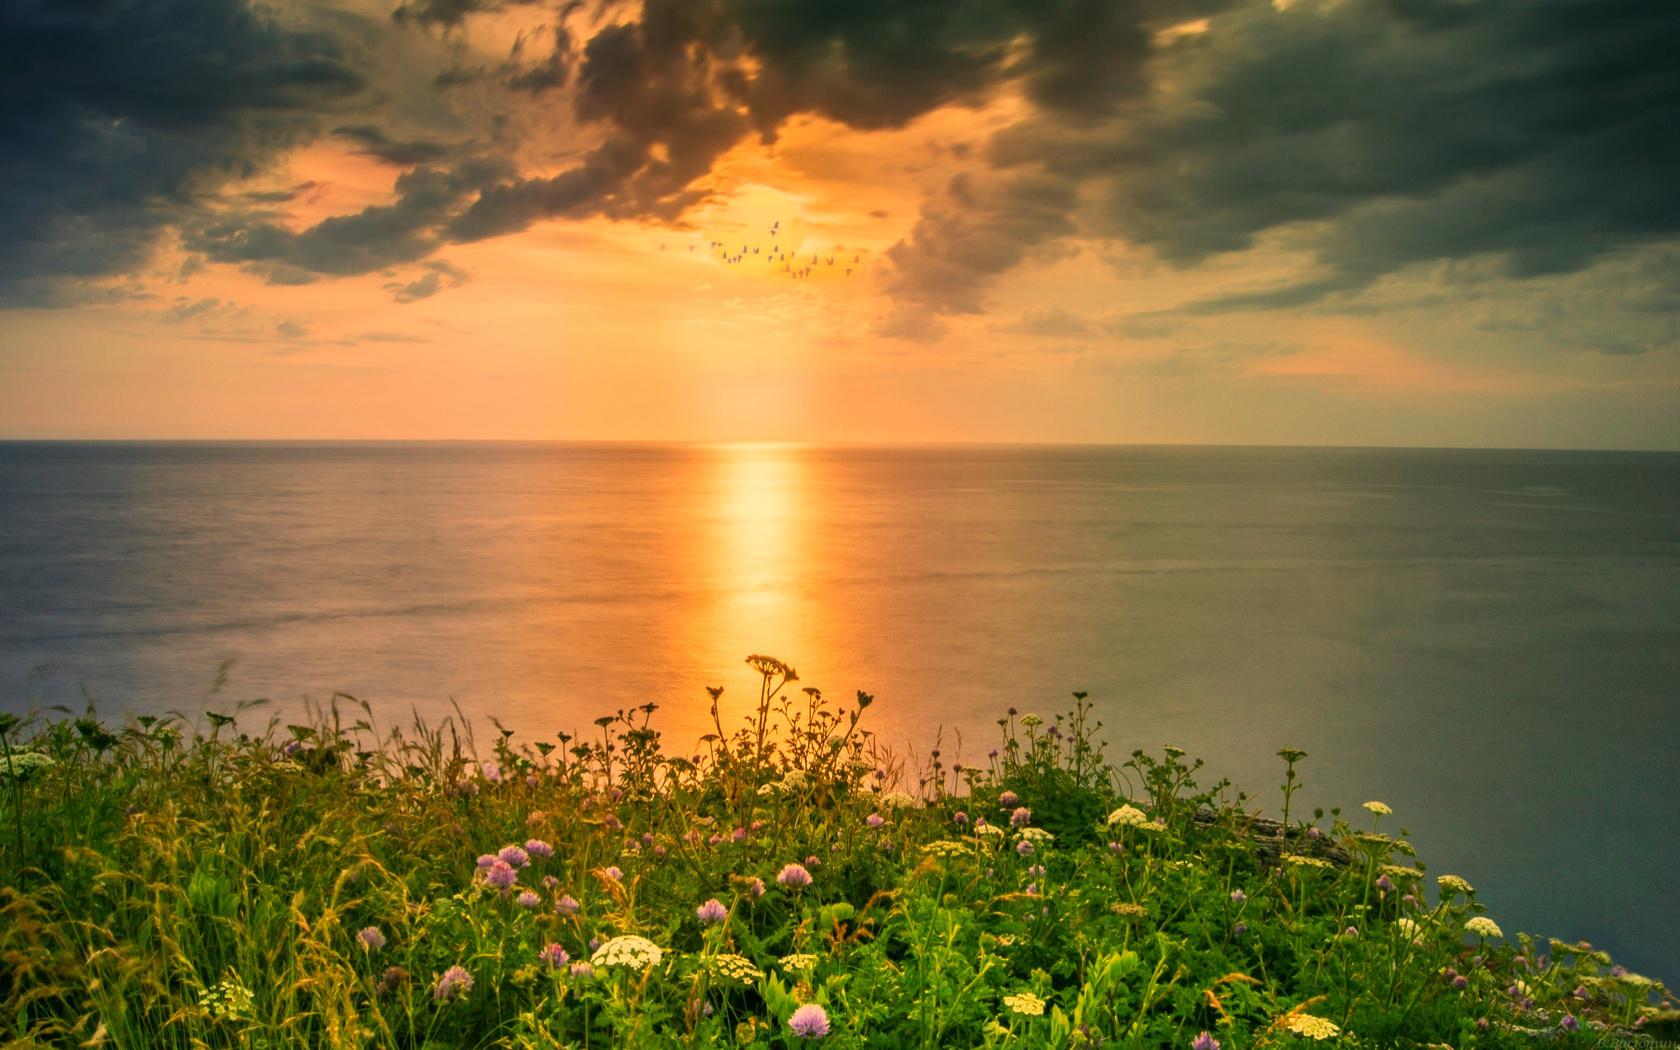 пейзаж, море, небо, закат